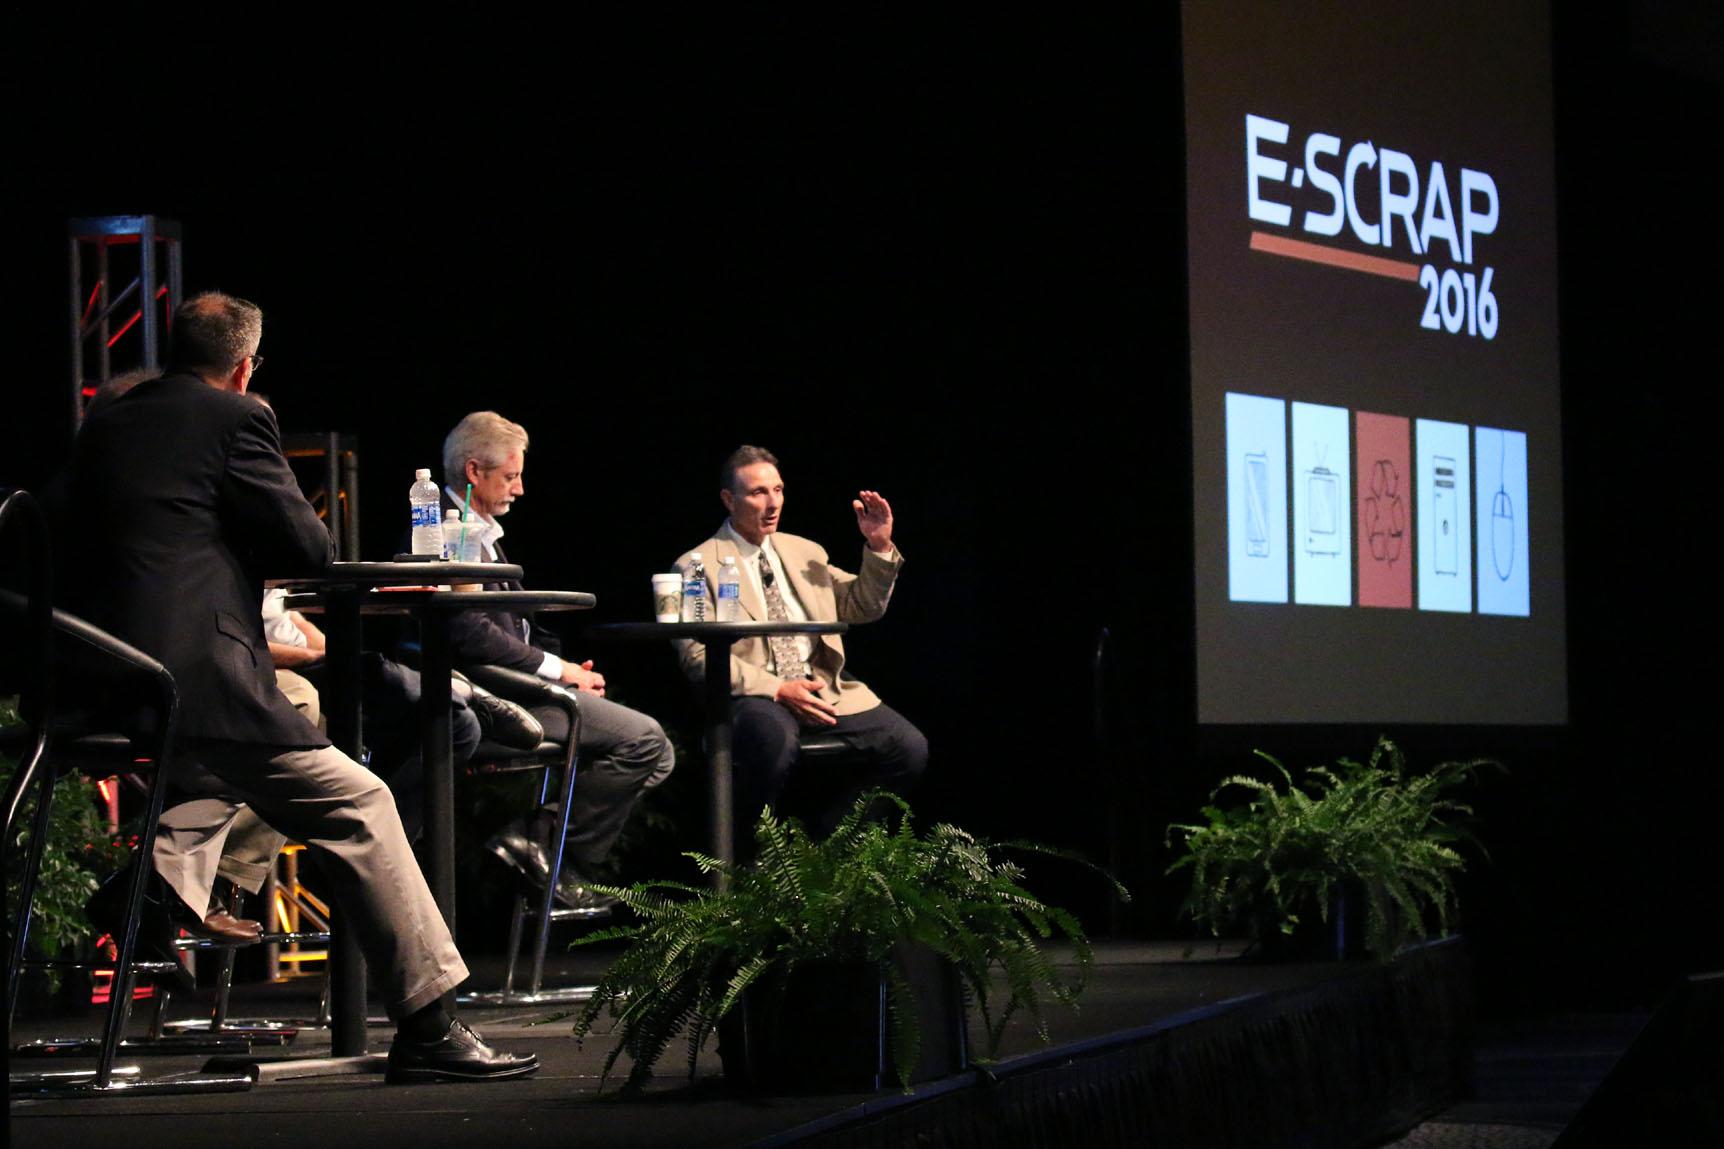 E-Scrap Conference 2016